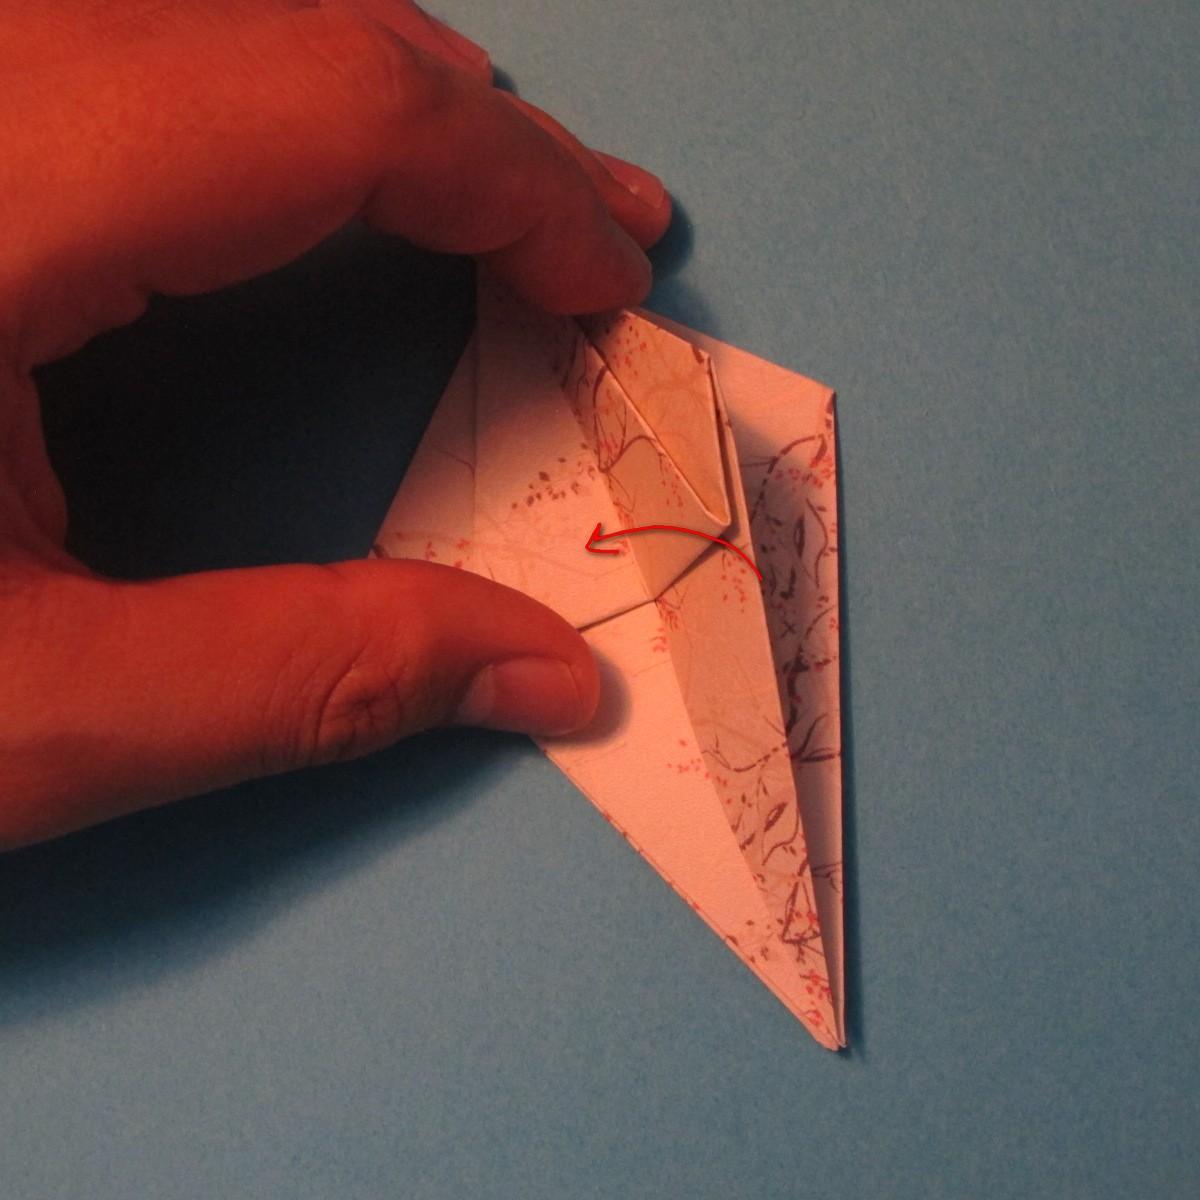 วิธีการพับกระดาษเป็นดาวสี่แฉก 016